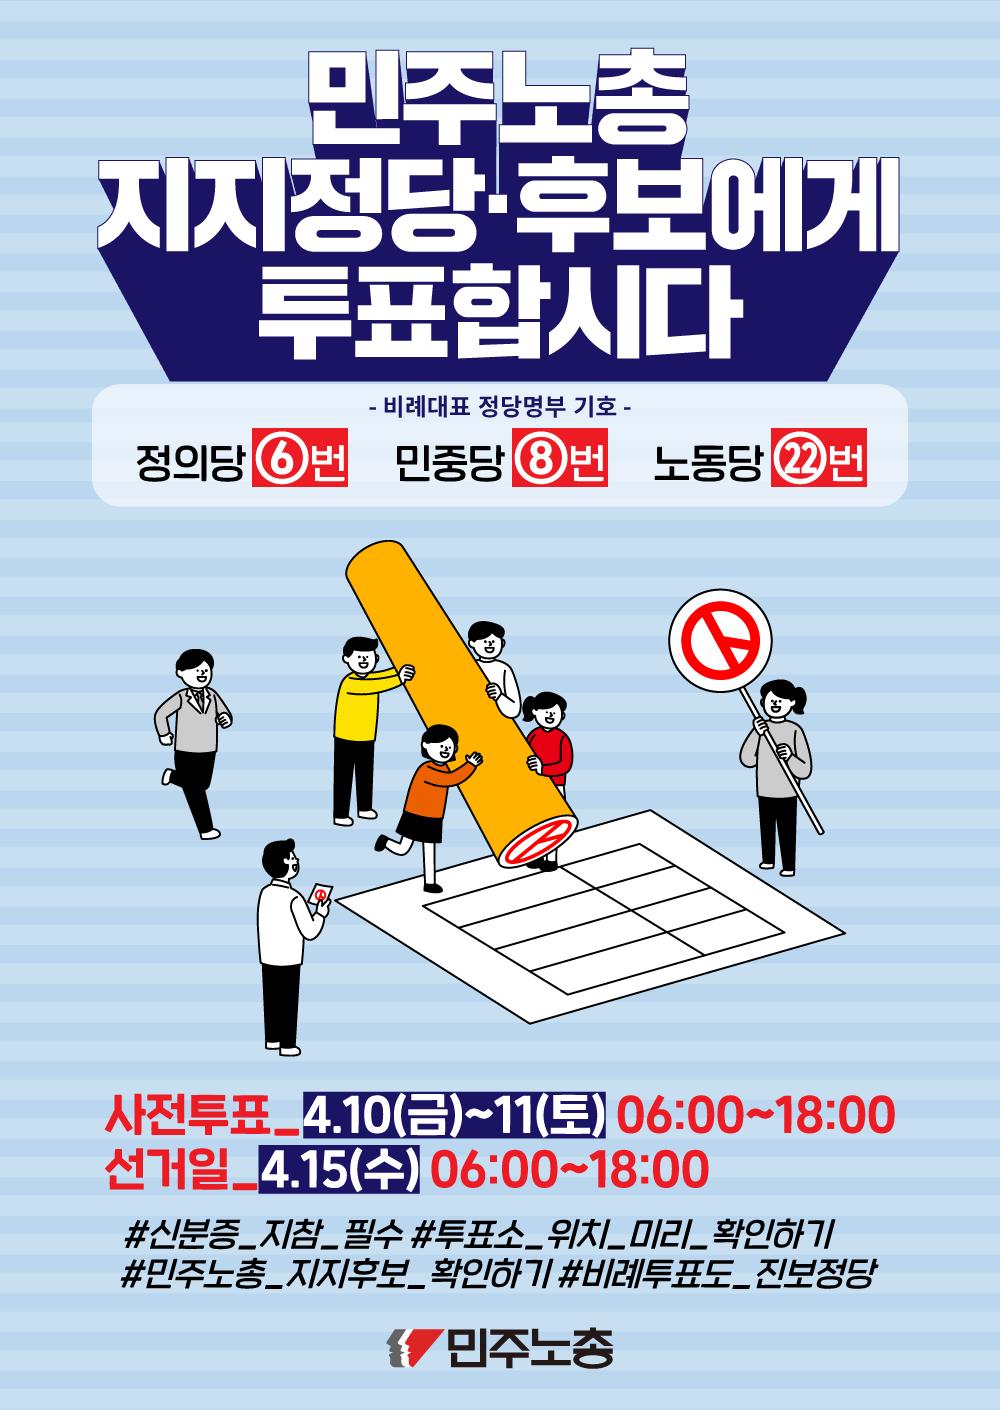 4.15-총선-웹자보.png